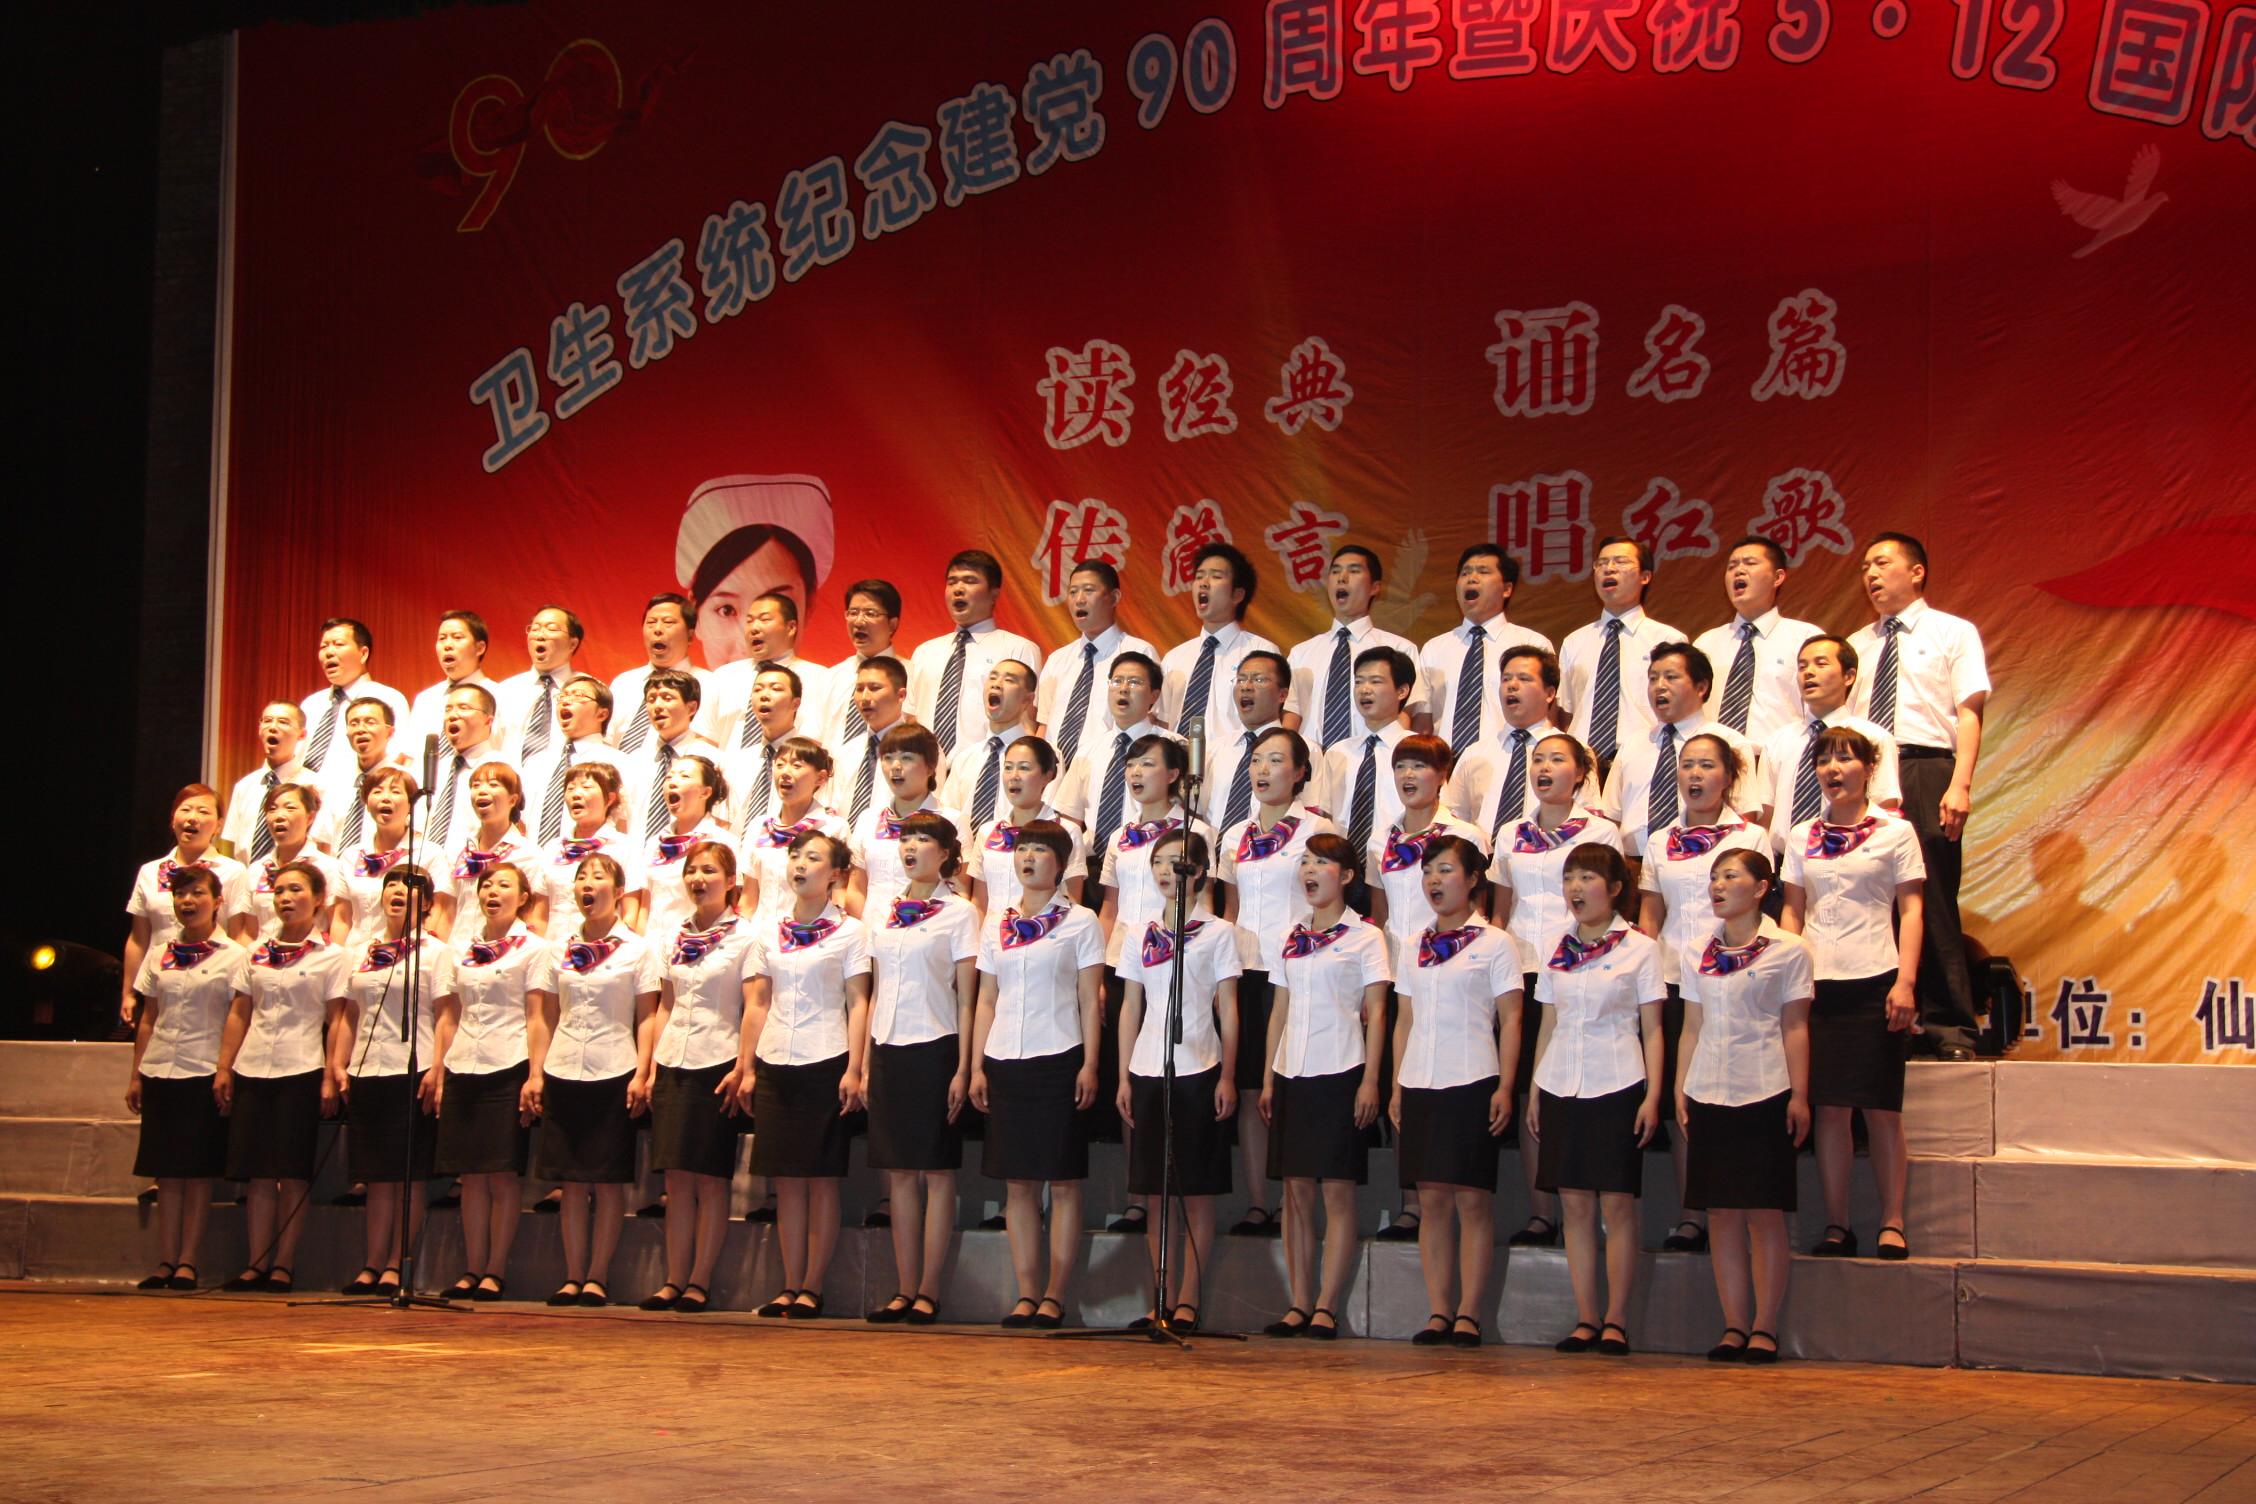 合唱《我们走在大路上》在全市卫生系统纪念中国共产党建党